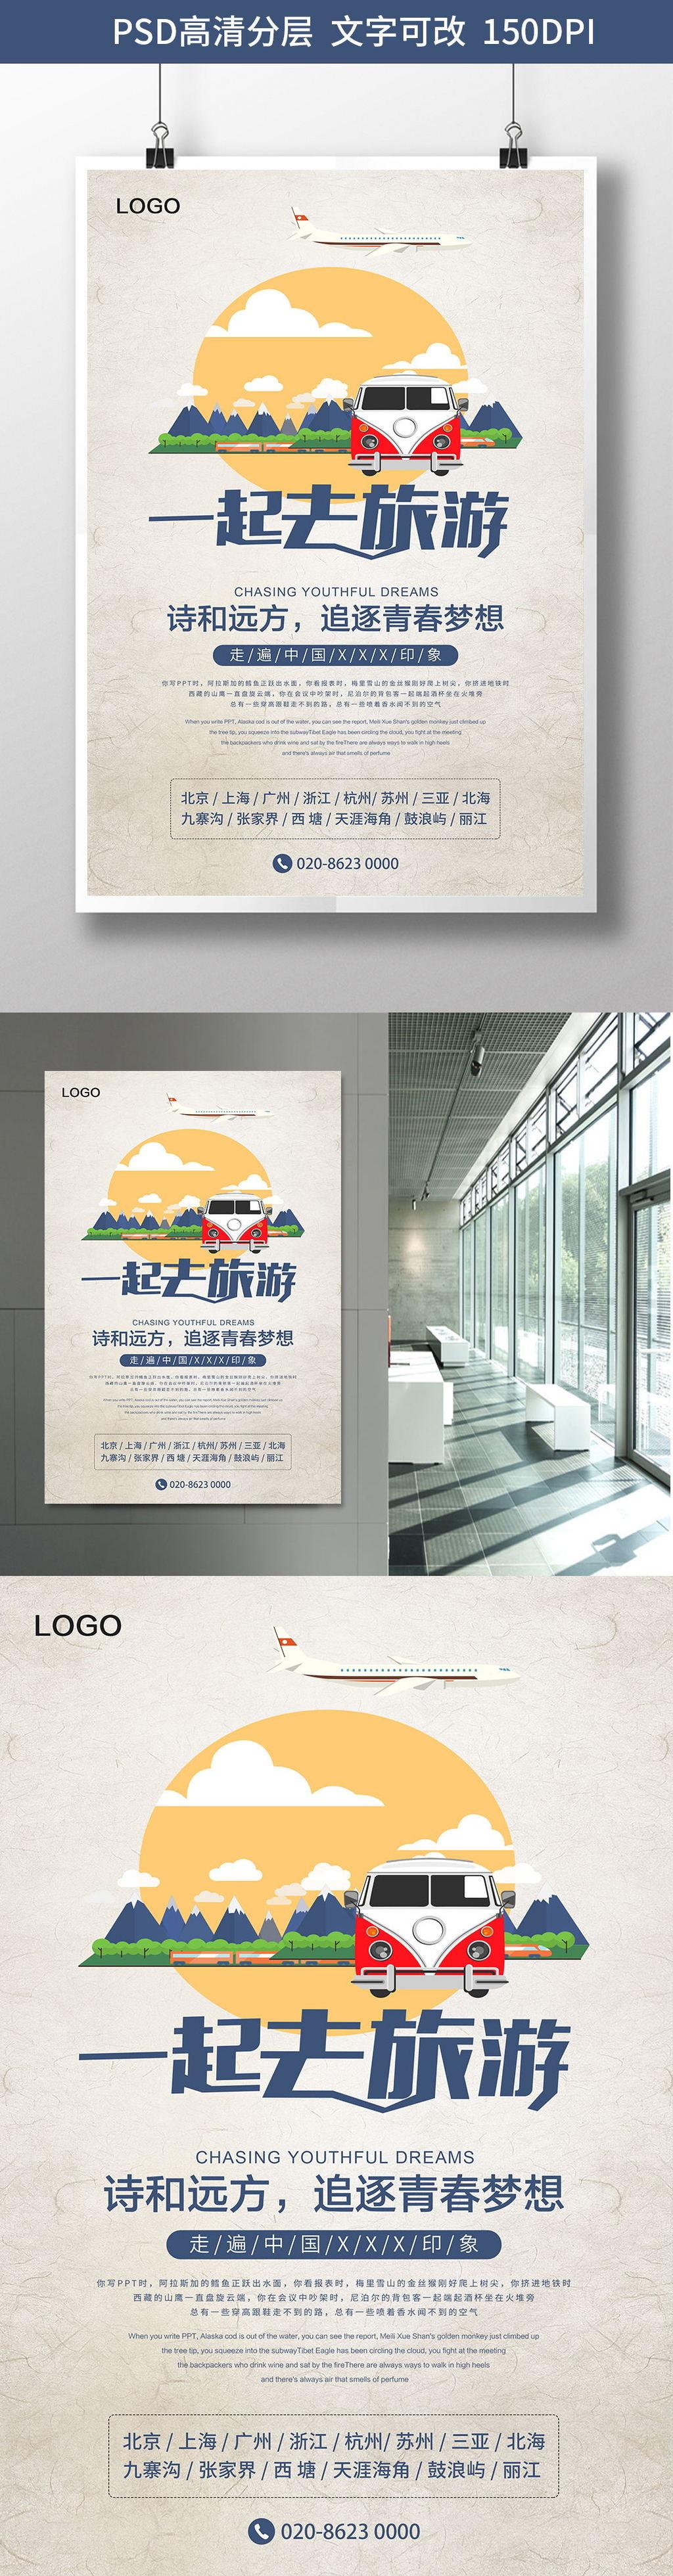 暑假一起旅游创意插画海报模板下载(图片编号:)_海报